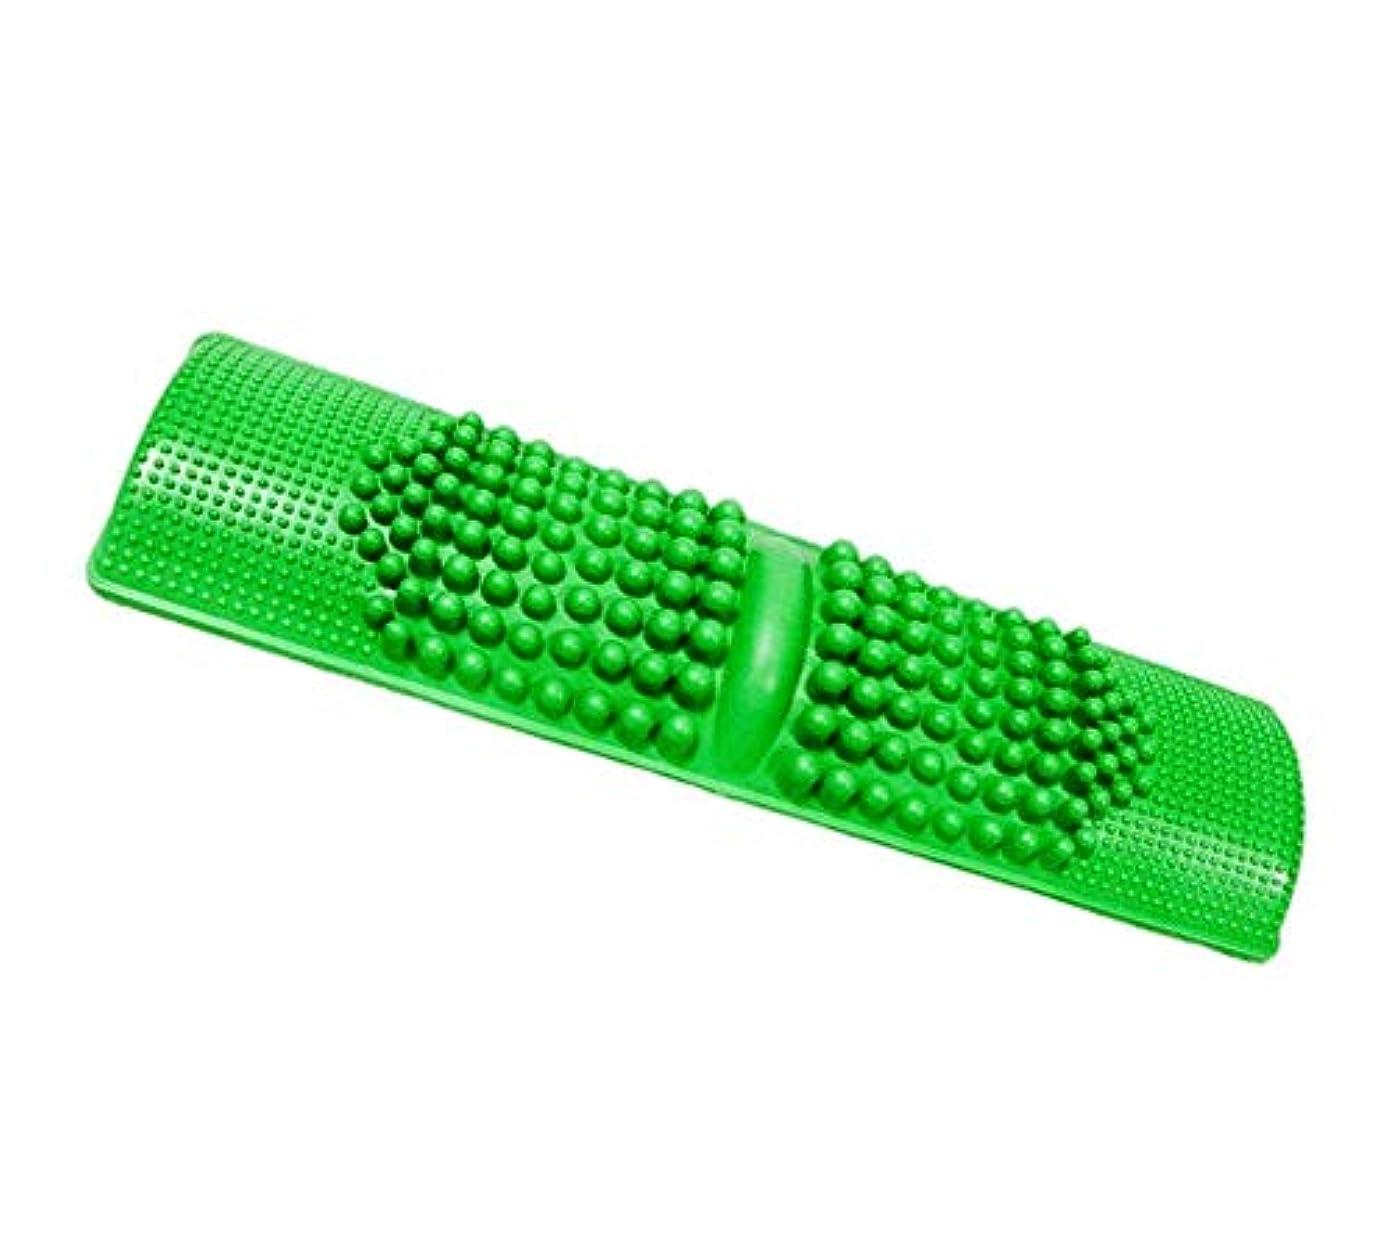 ガラス再集計思慮のないDamine 簡単に健康維持 足つぼマッサージ BIGサイズ 足 踏み 足裏 刺激 血行促進 (グリーン)